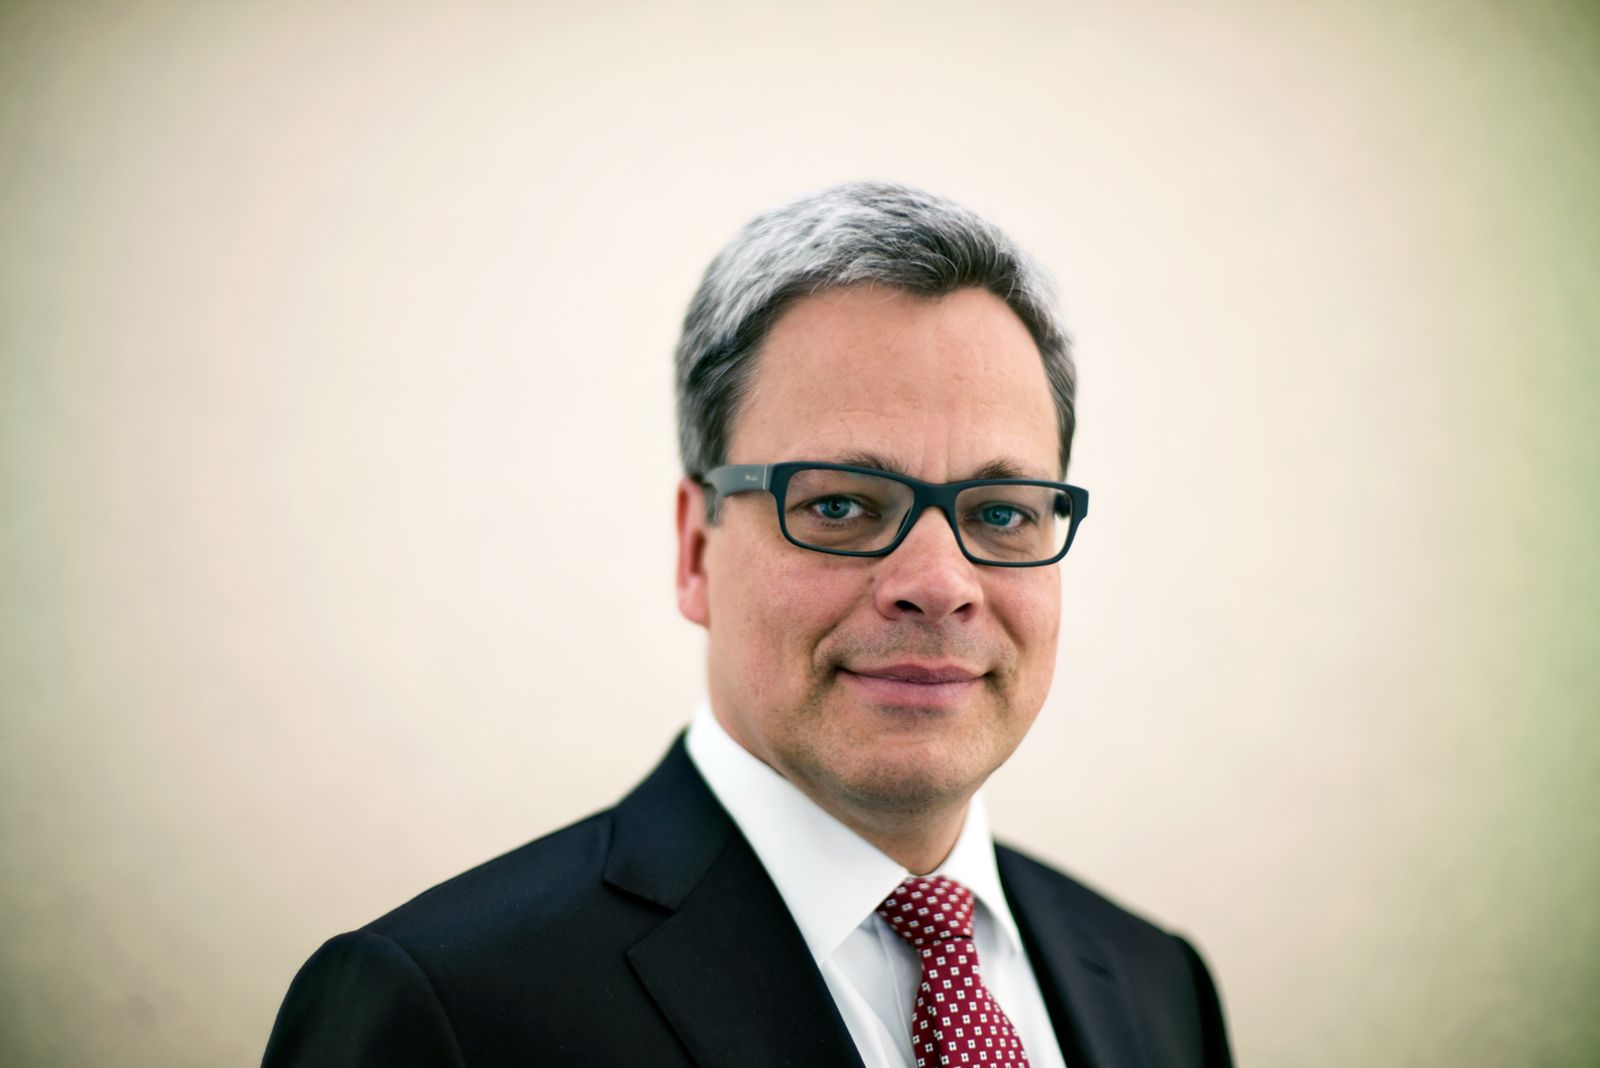 Allianz Vorstand Dr. Manfred Knof